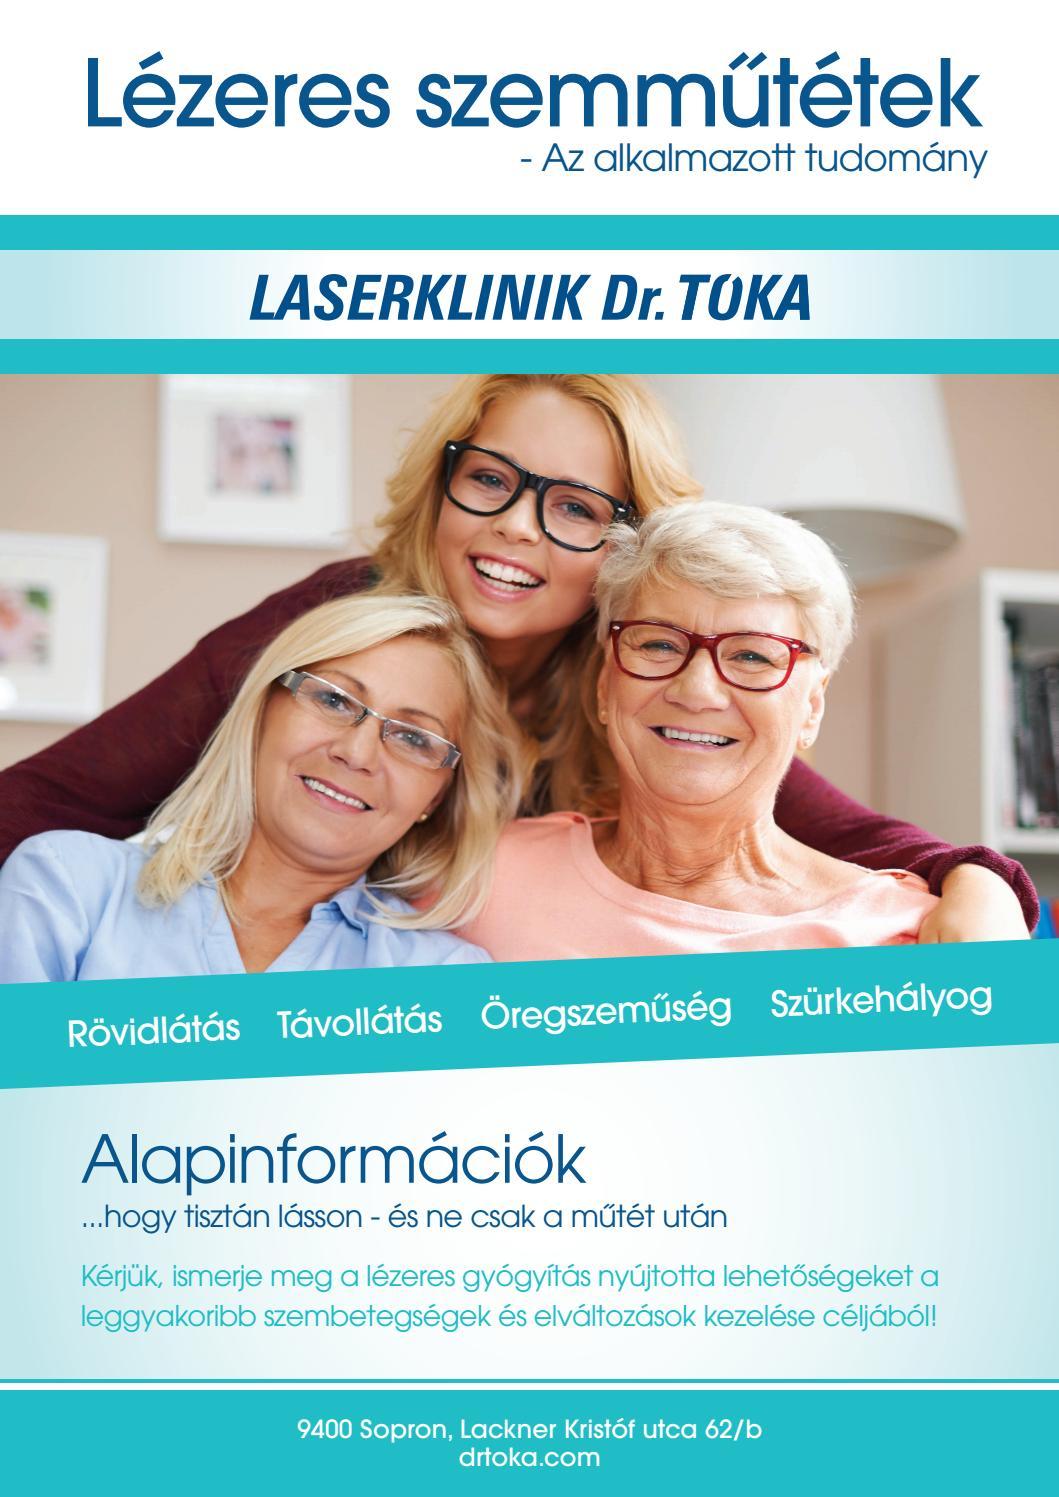 lézeres szemműtét a látás javítása érdekében